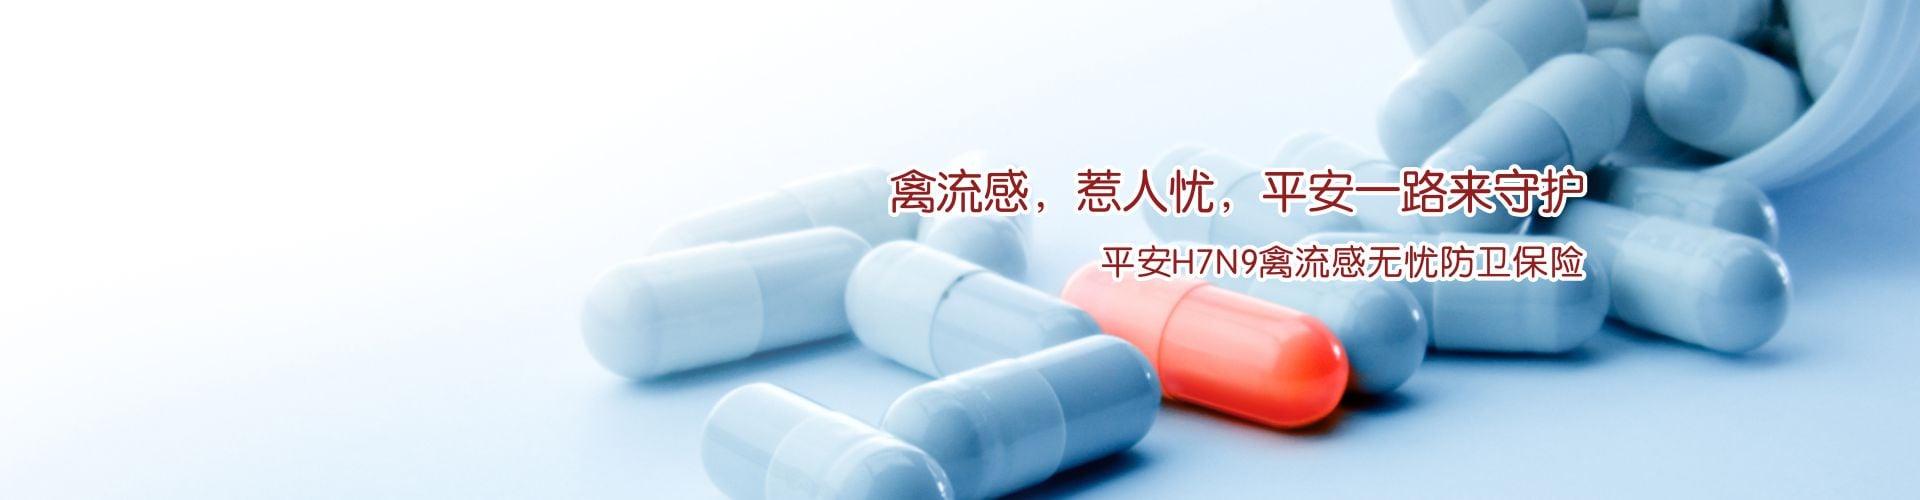 H7N9禽流感防卫